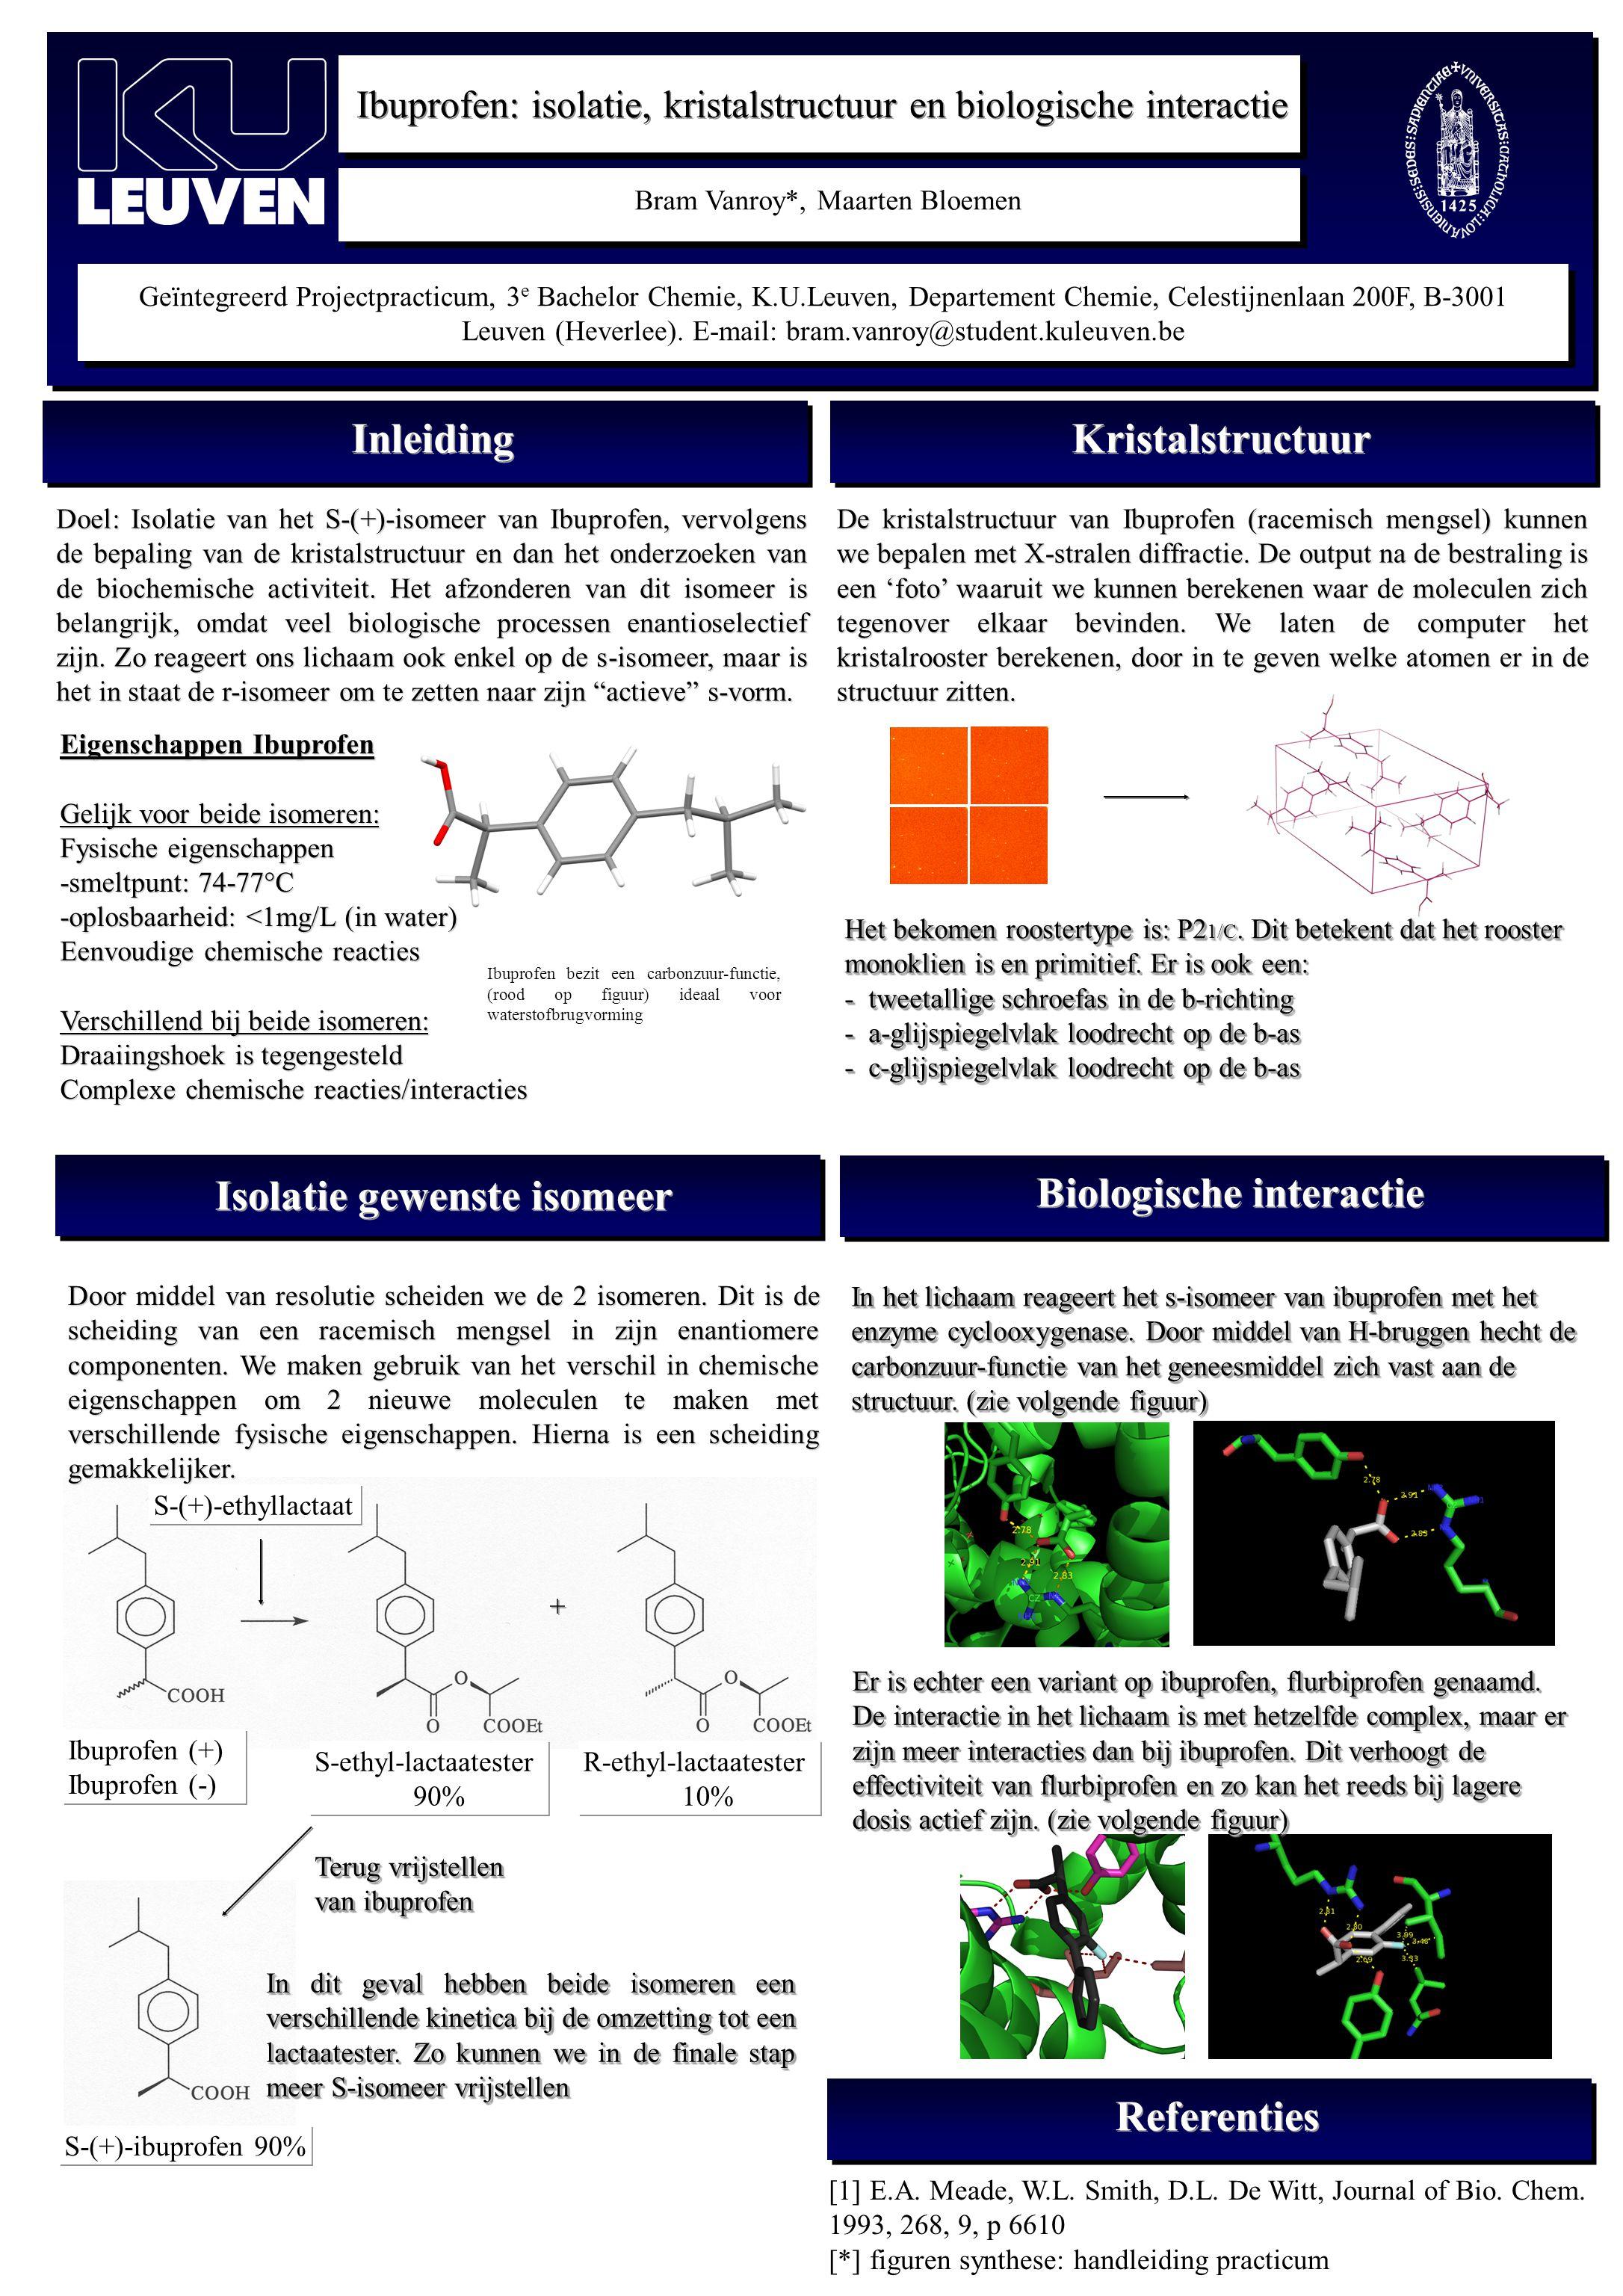 Bram Vanroy*, Maarten Bloemen Geïntegreerd Projectpracticum, 3 e Bachelor Chemie, K.U.Leuven, Departement Chemie, Celestijnenlaan 200F, B-3001 Leuven